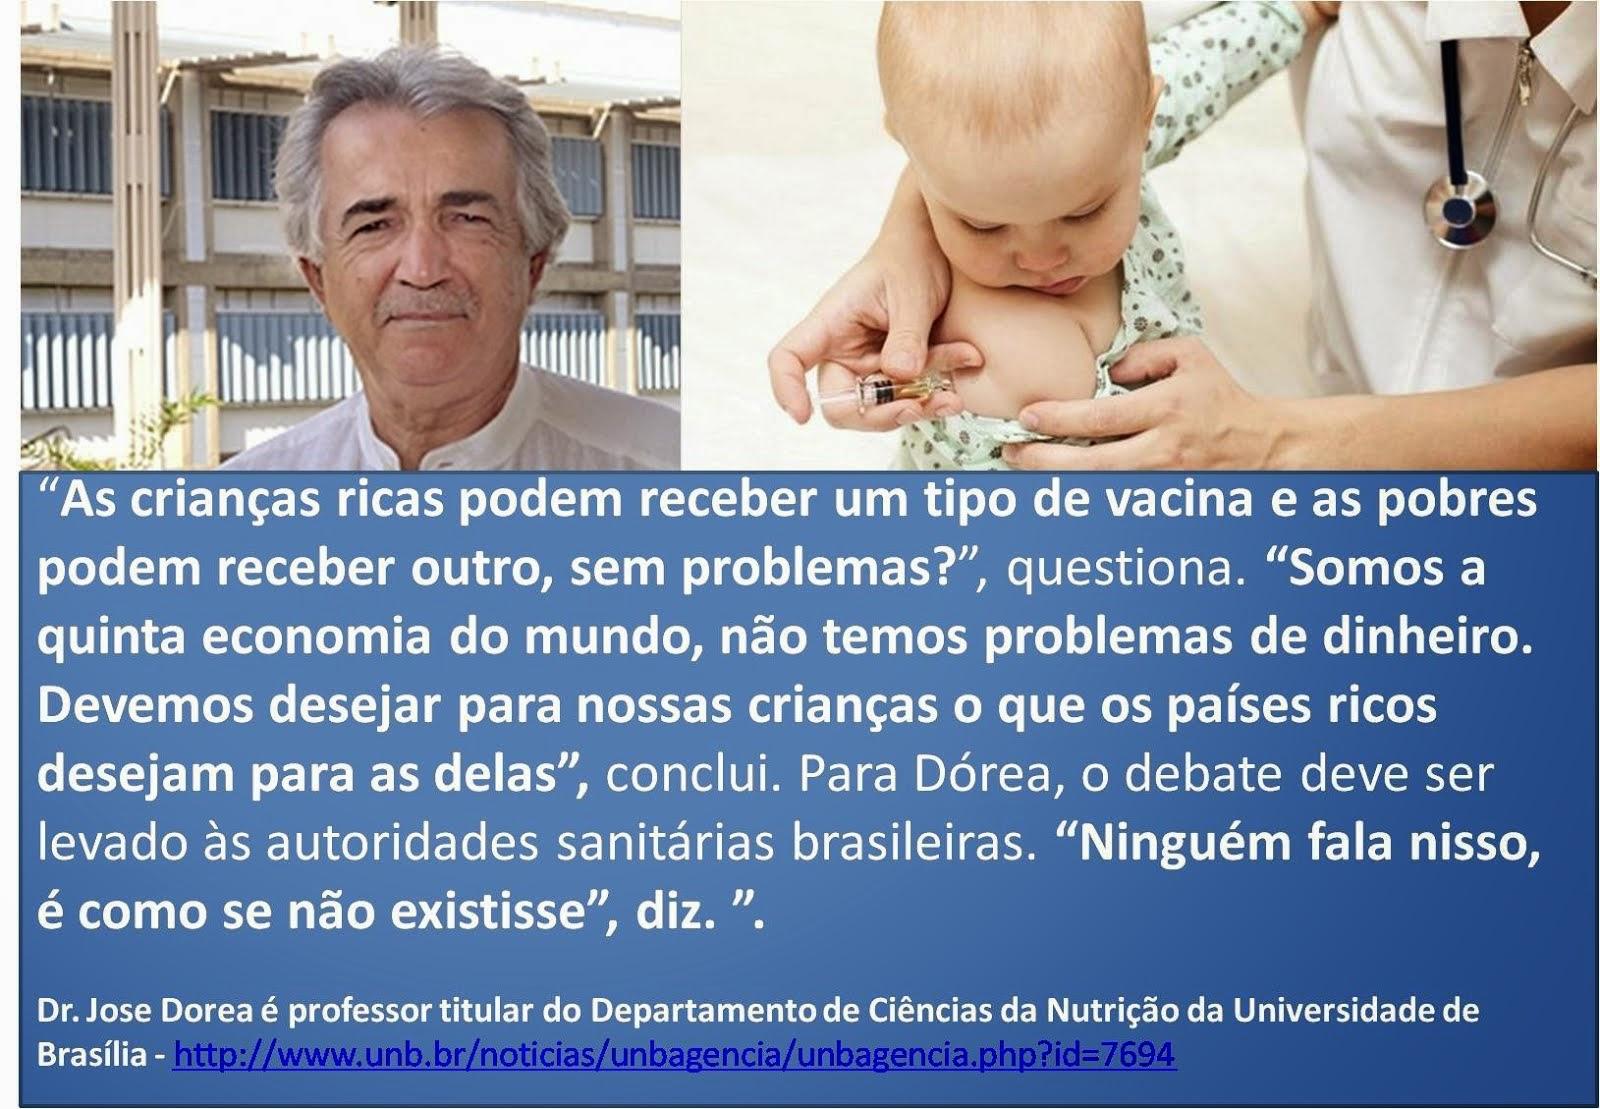 PELO FIM DO USO DE ETHYLMERCURY E ALUMÍNIO NAS VACINAS INFANTIS